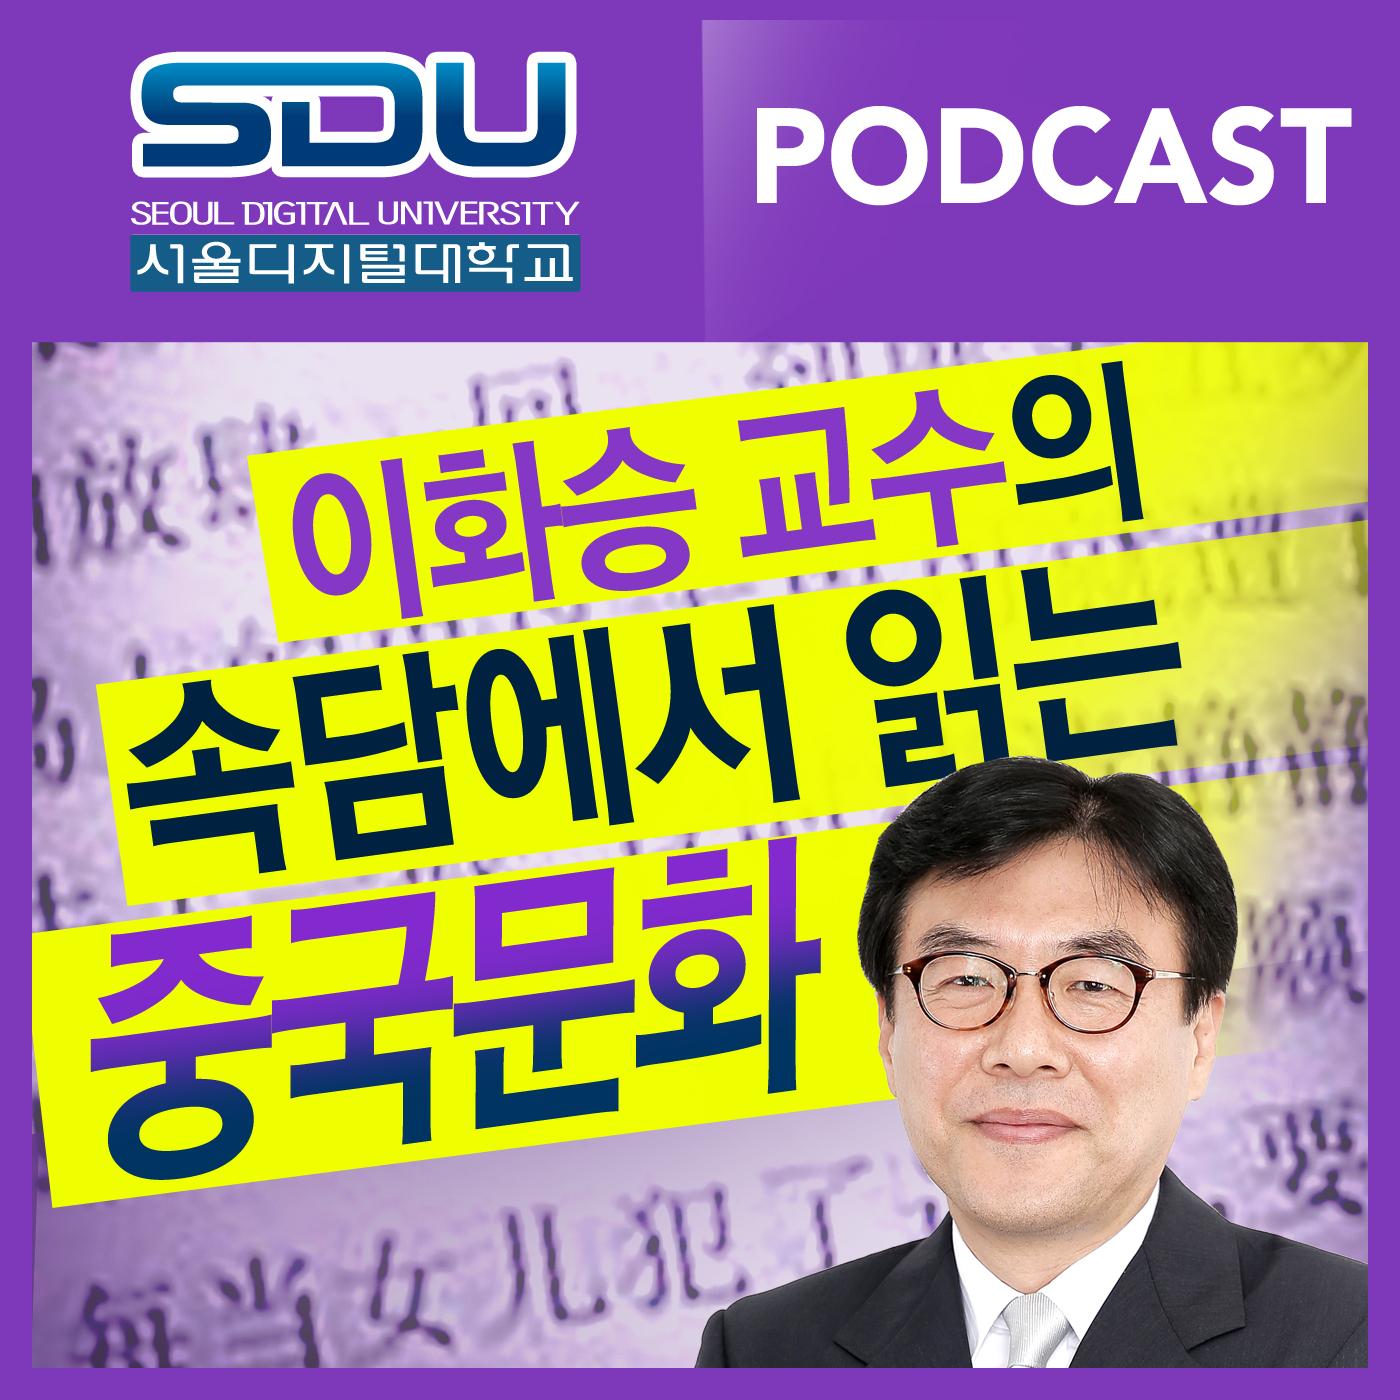 서울디지털대학교 팟캐스트 이화승 교수의 속담으로 읽는 중국문화